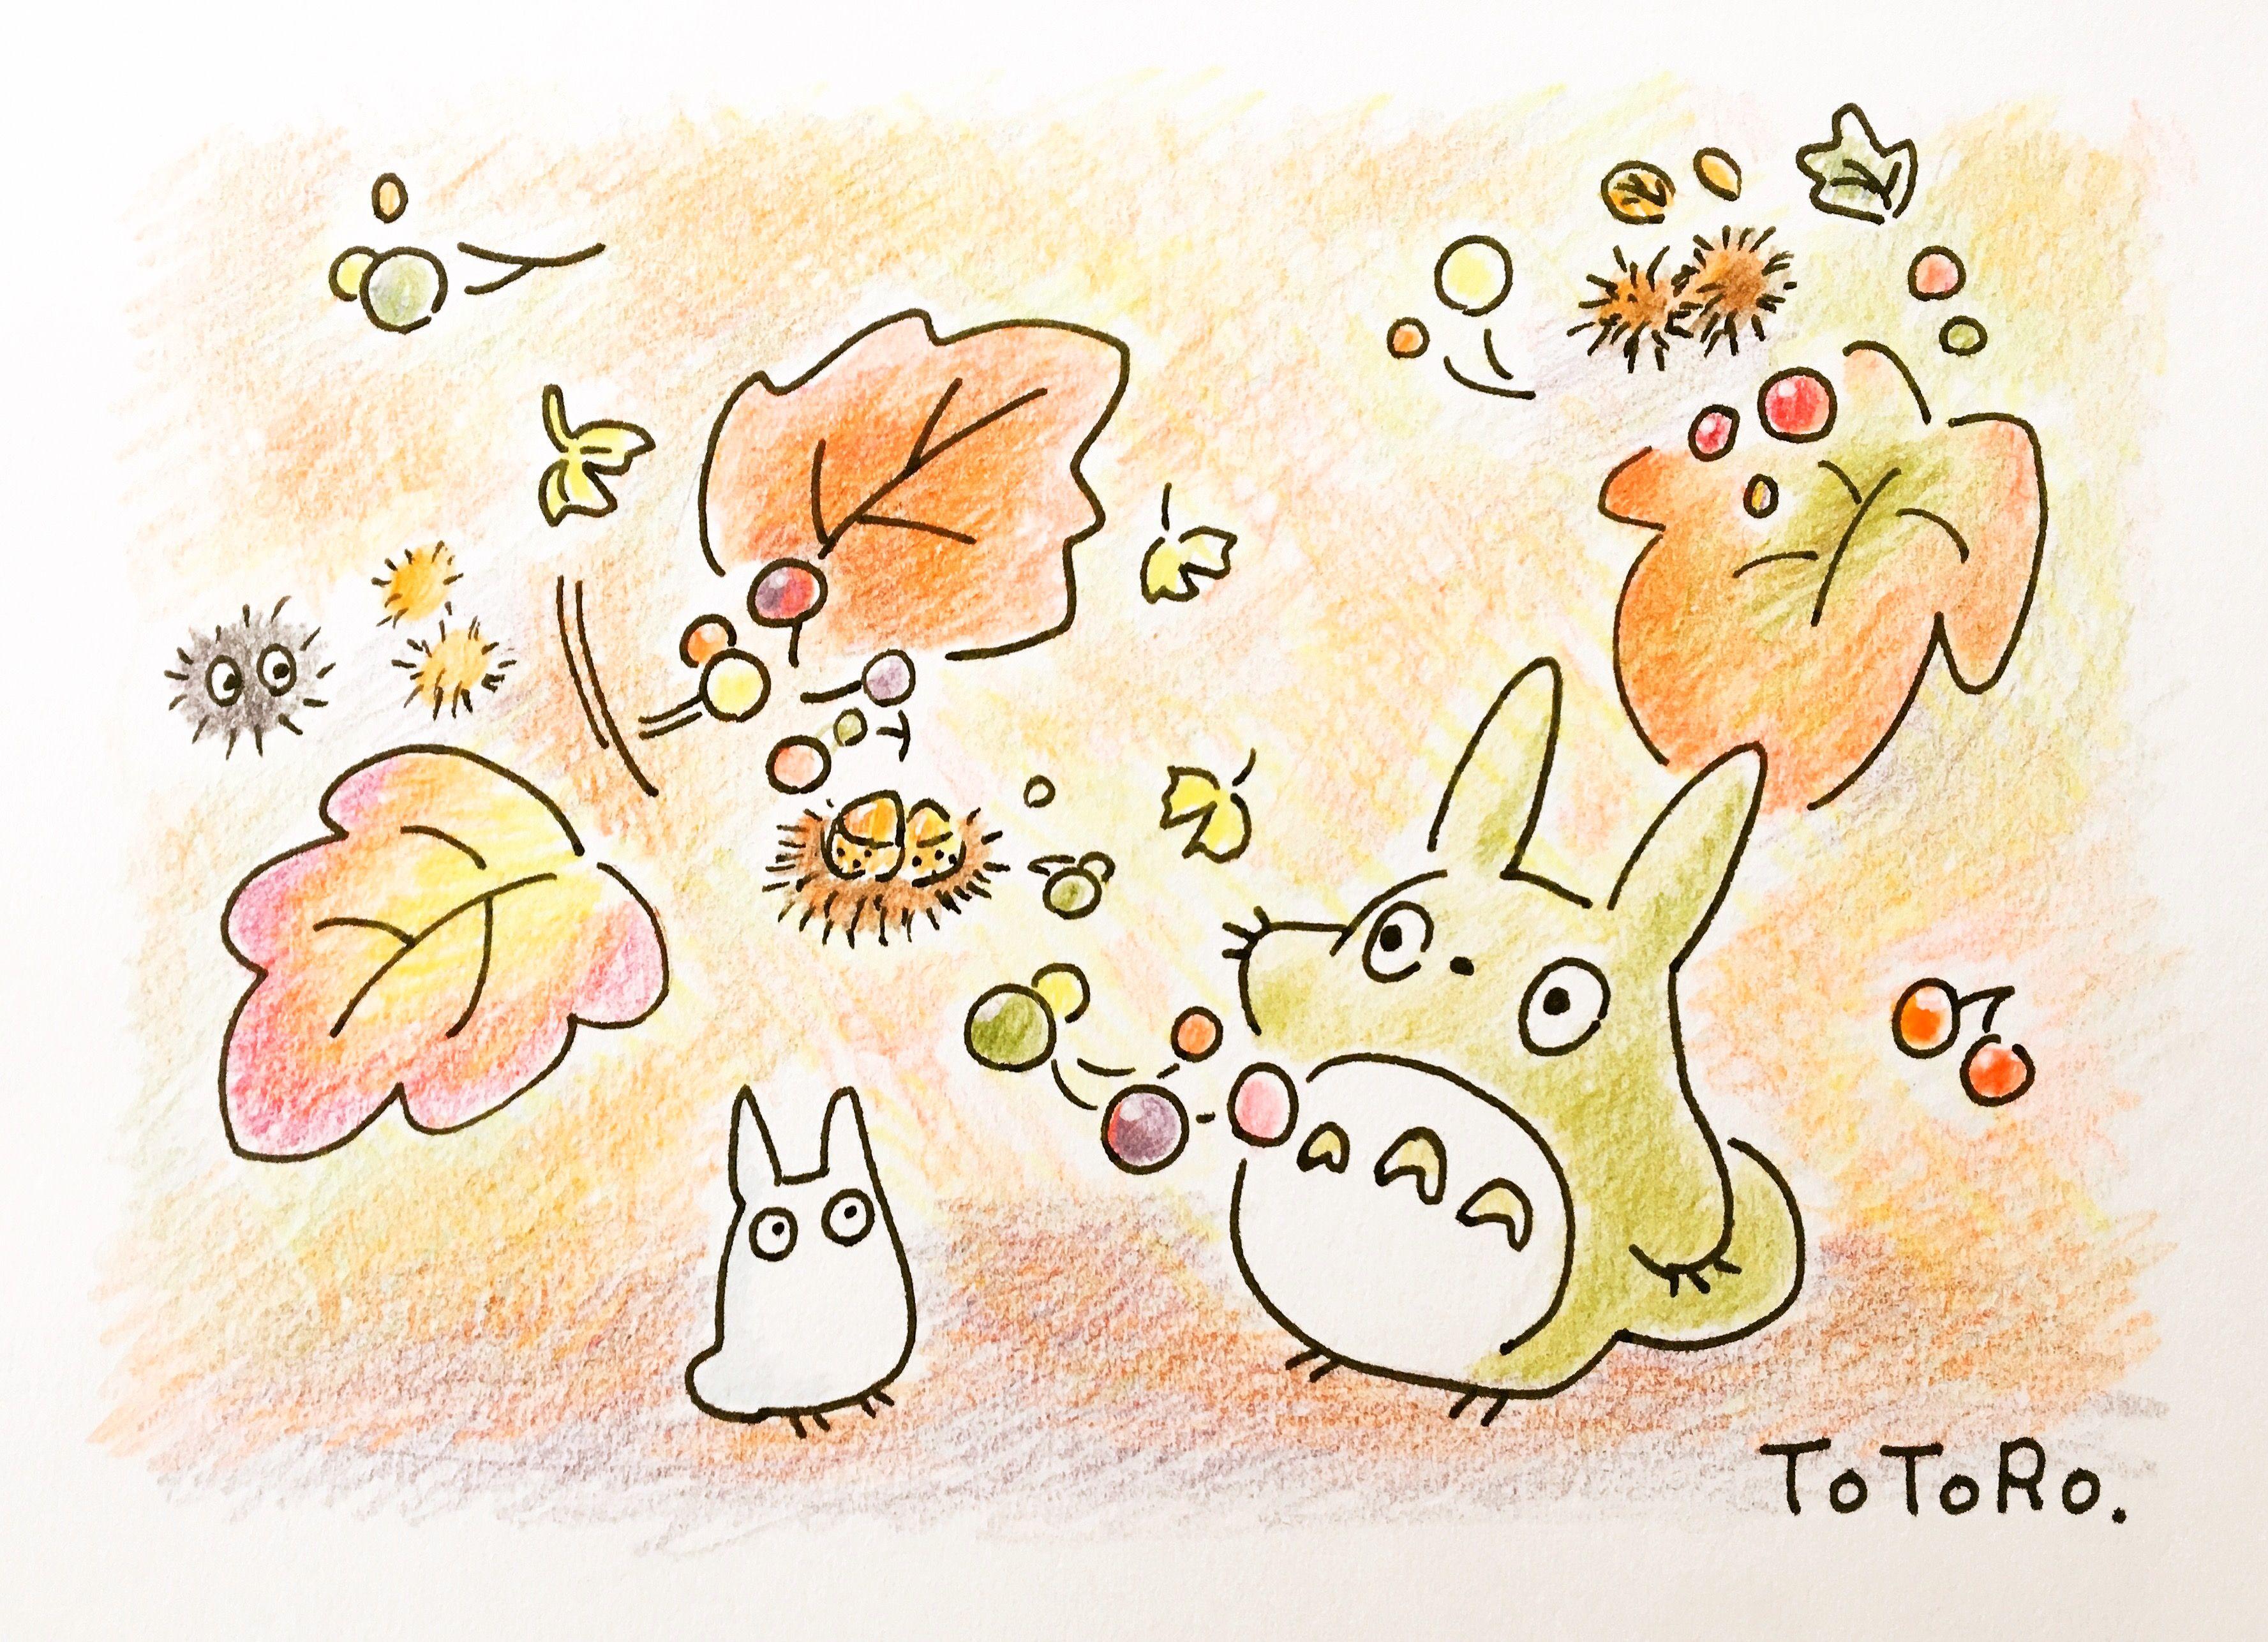 となりのトトロ 色鉛筆 落書き Ghibli Totoro Colorpencil イラスト 手書き トトロ かわいいイラスト